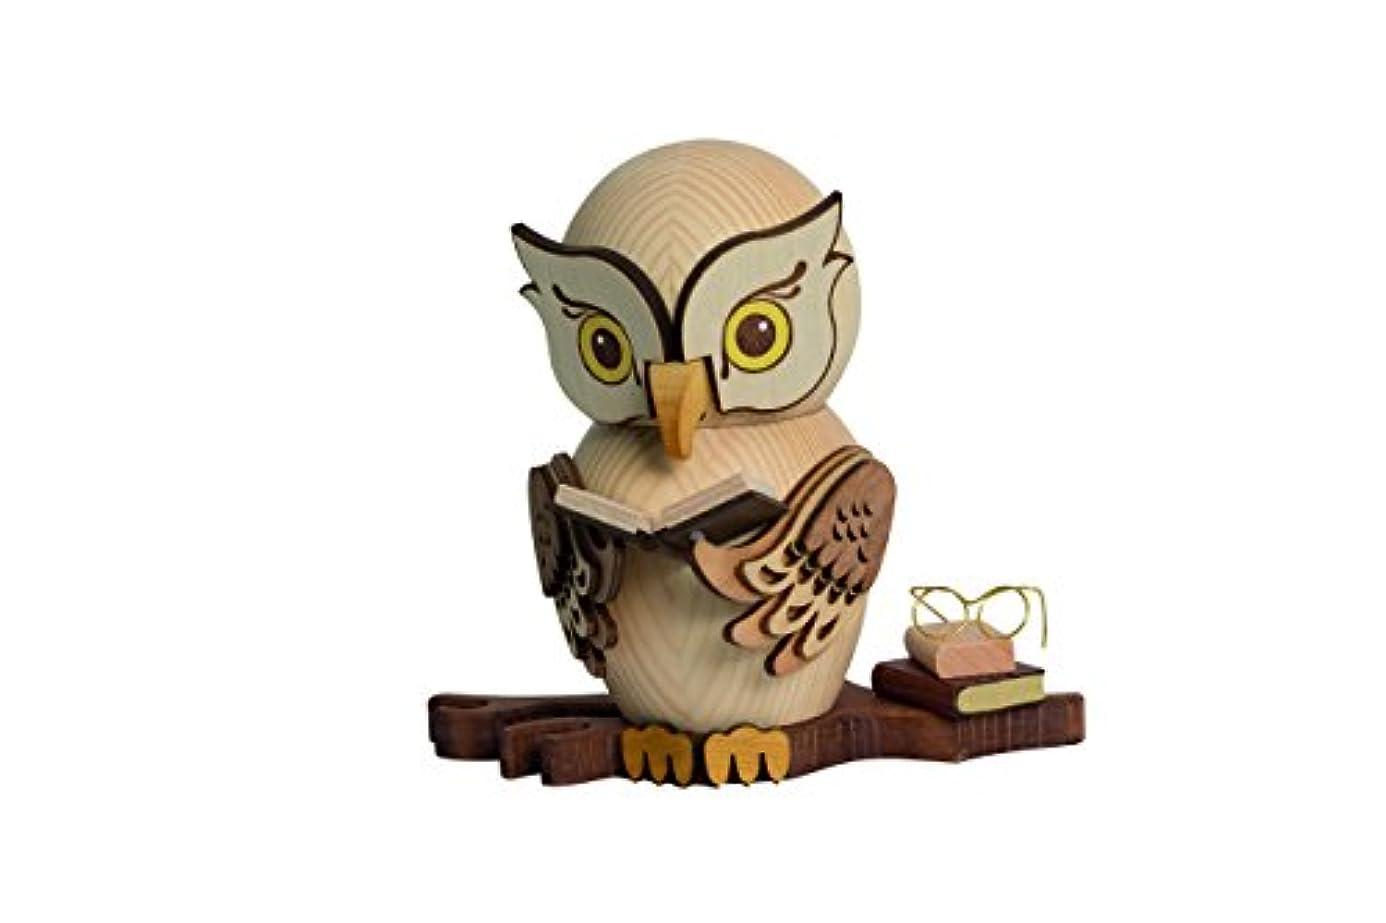 留まる熱帯のうねるドイツ語Incense Smoker Owl with Books – 15 cm / 5.9インチ – Drechslerei Kuhnert